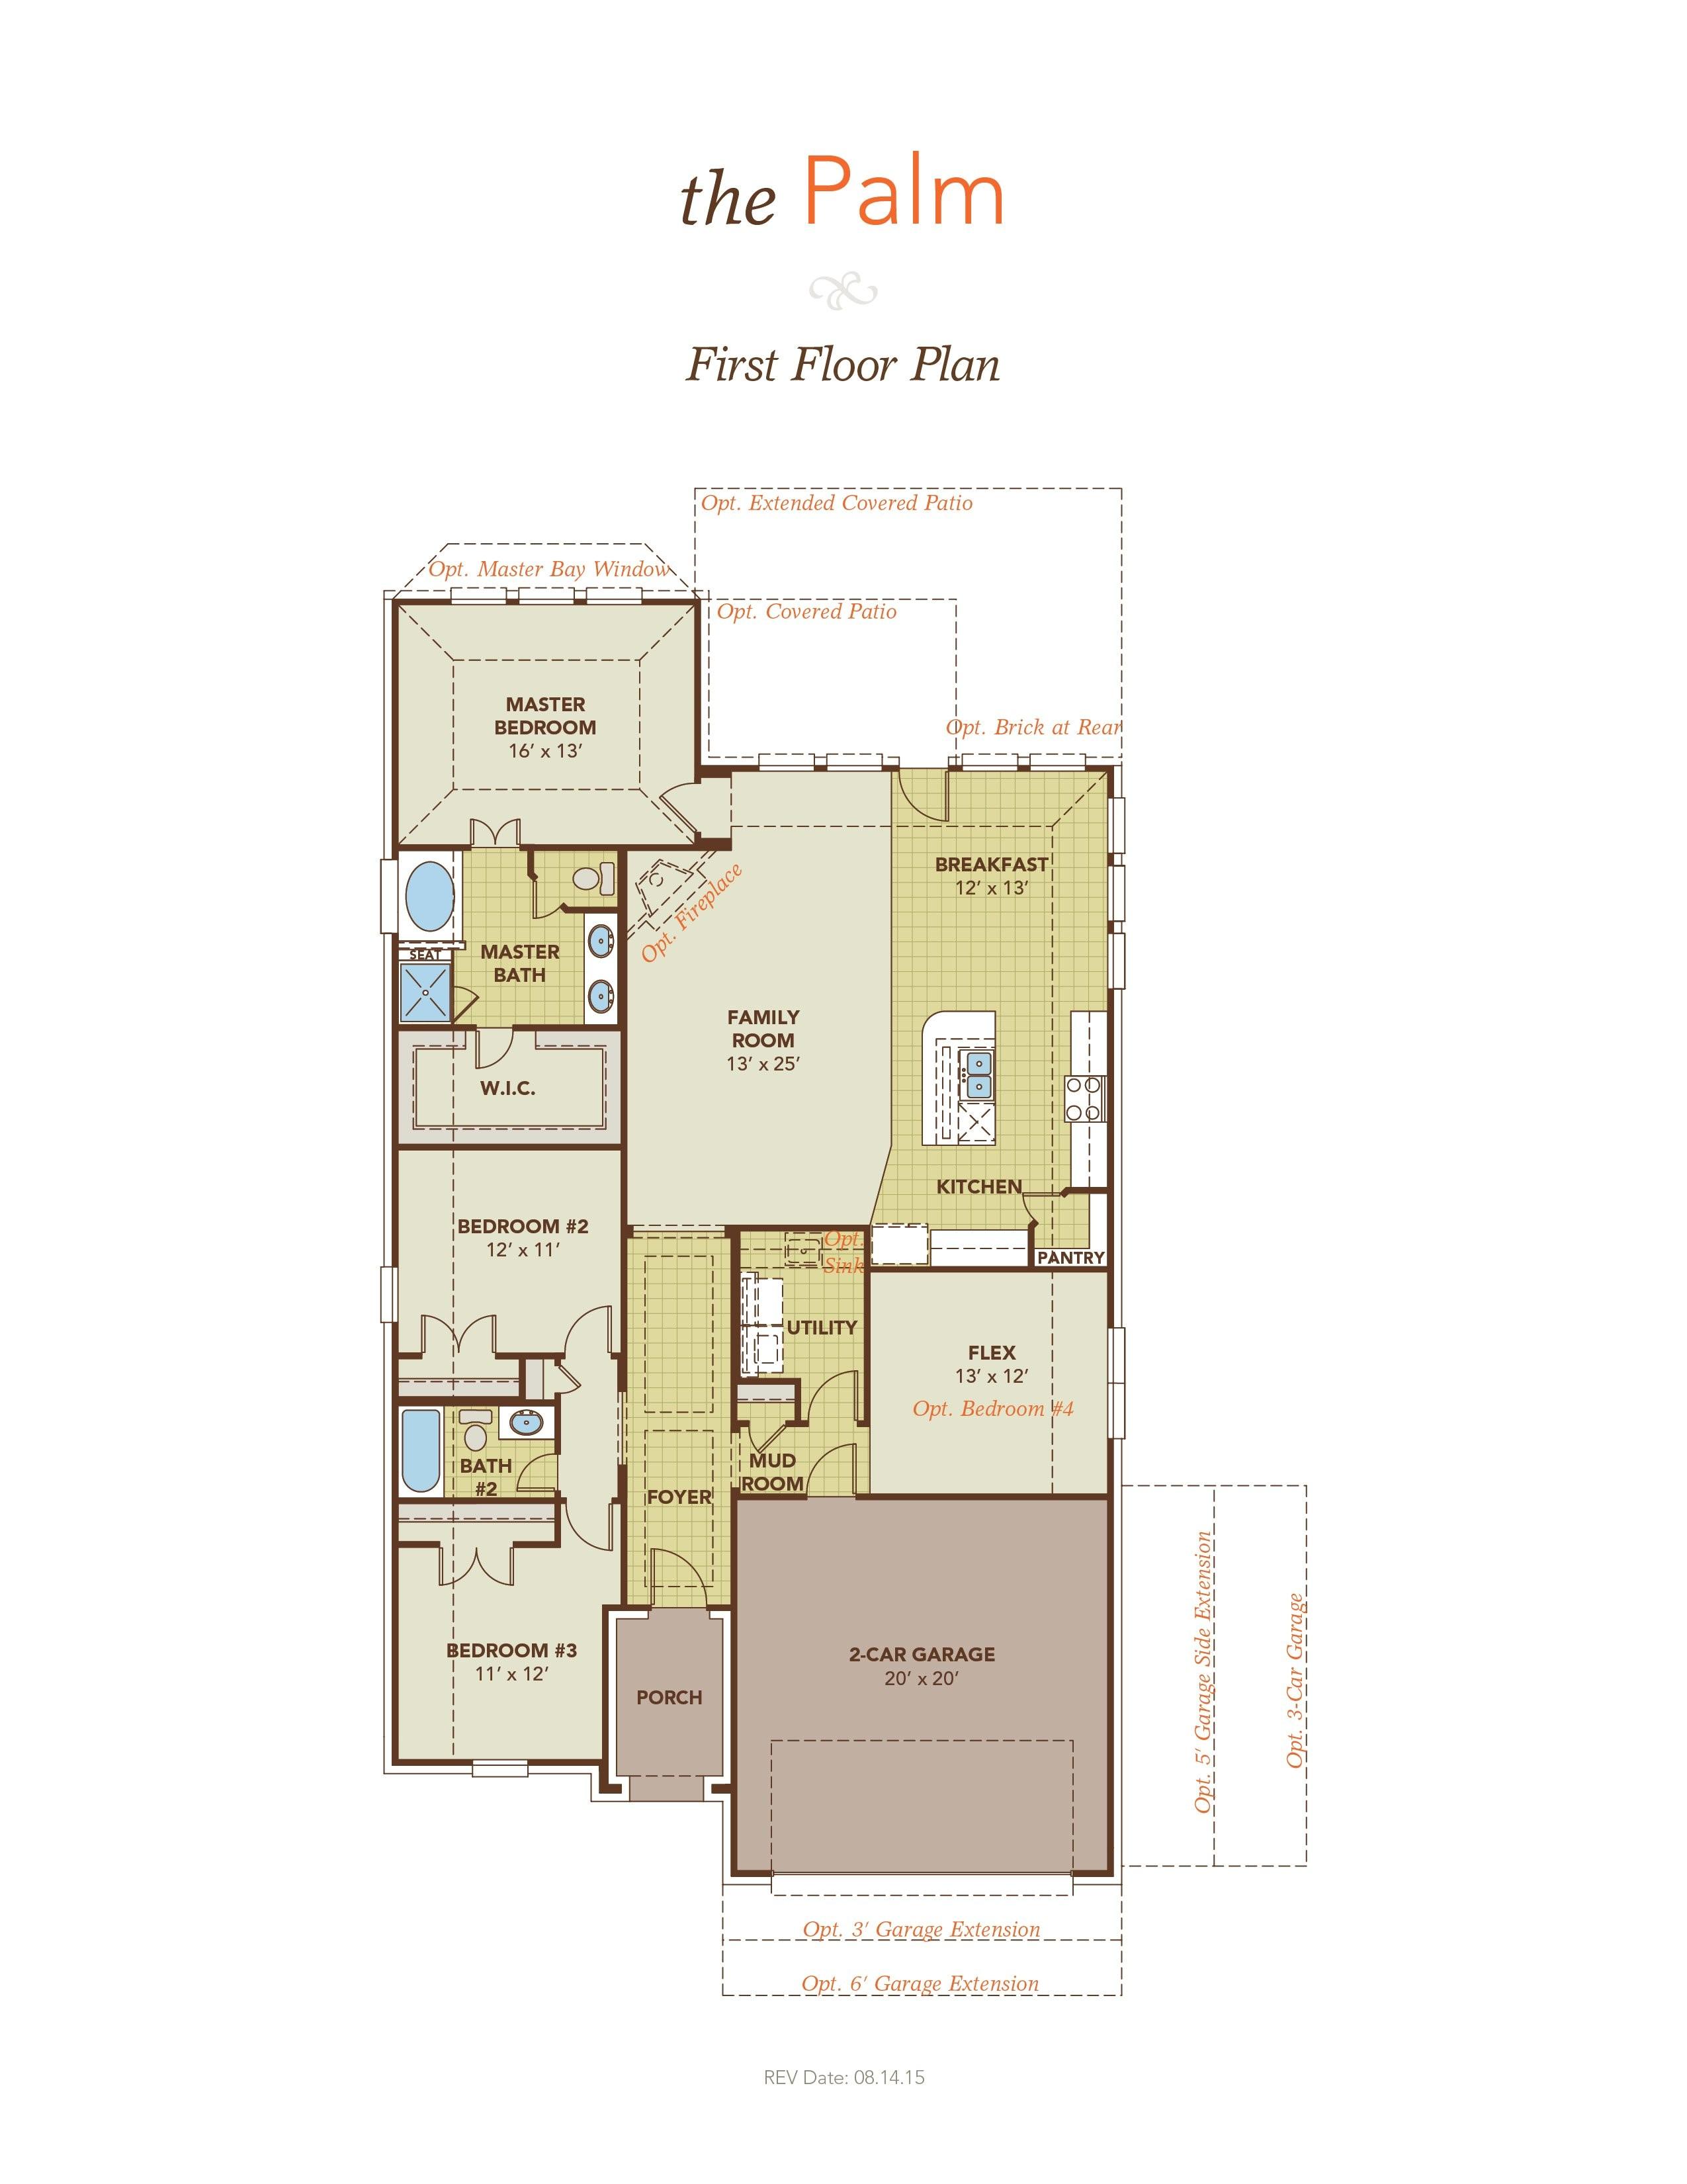 laurel home plan by gehan homes in sablechase premier floor plan superior gehan homes floor plans 4